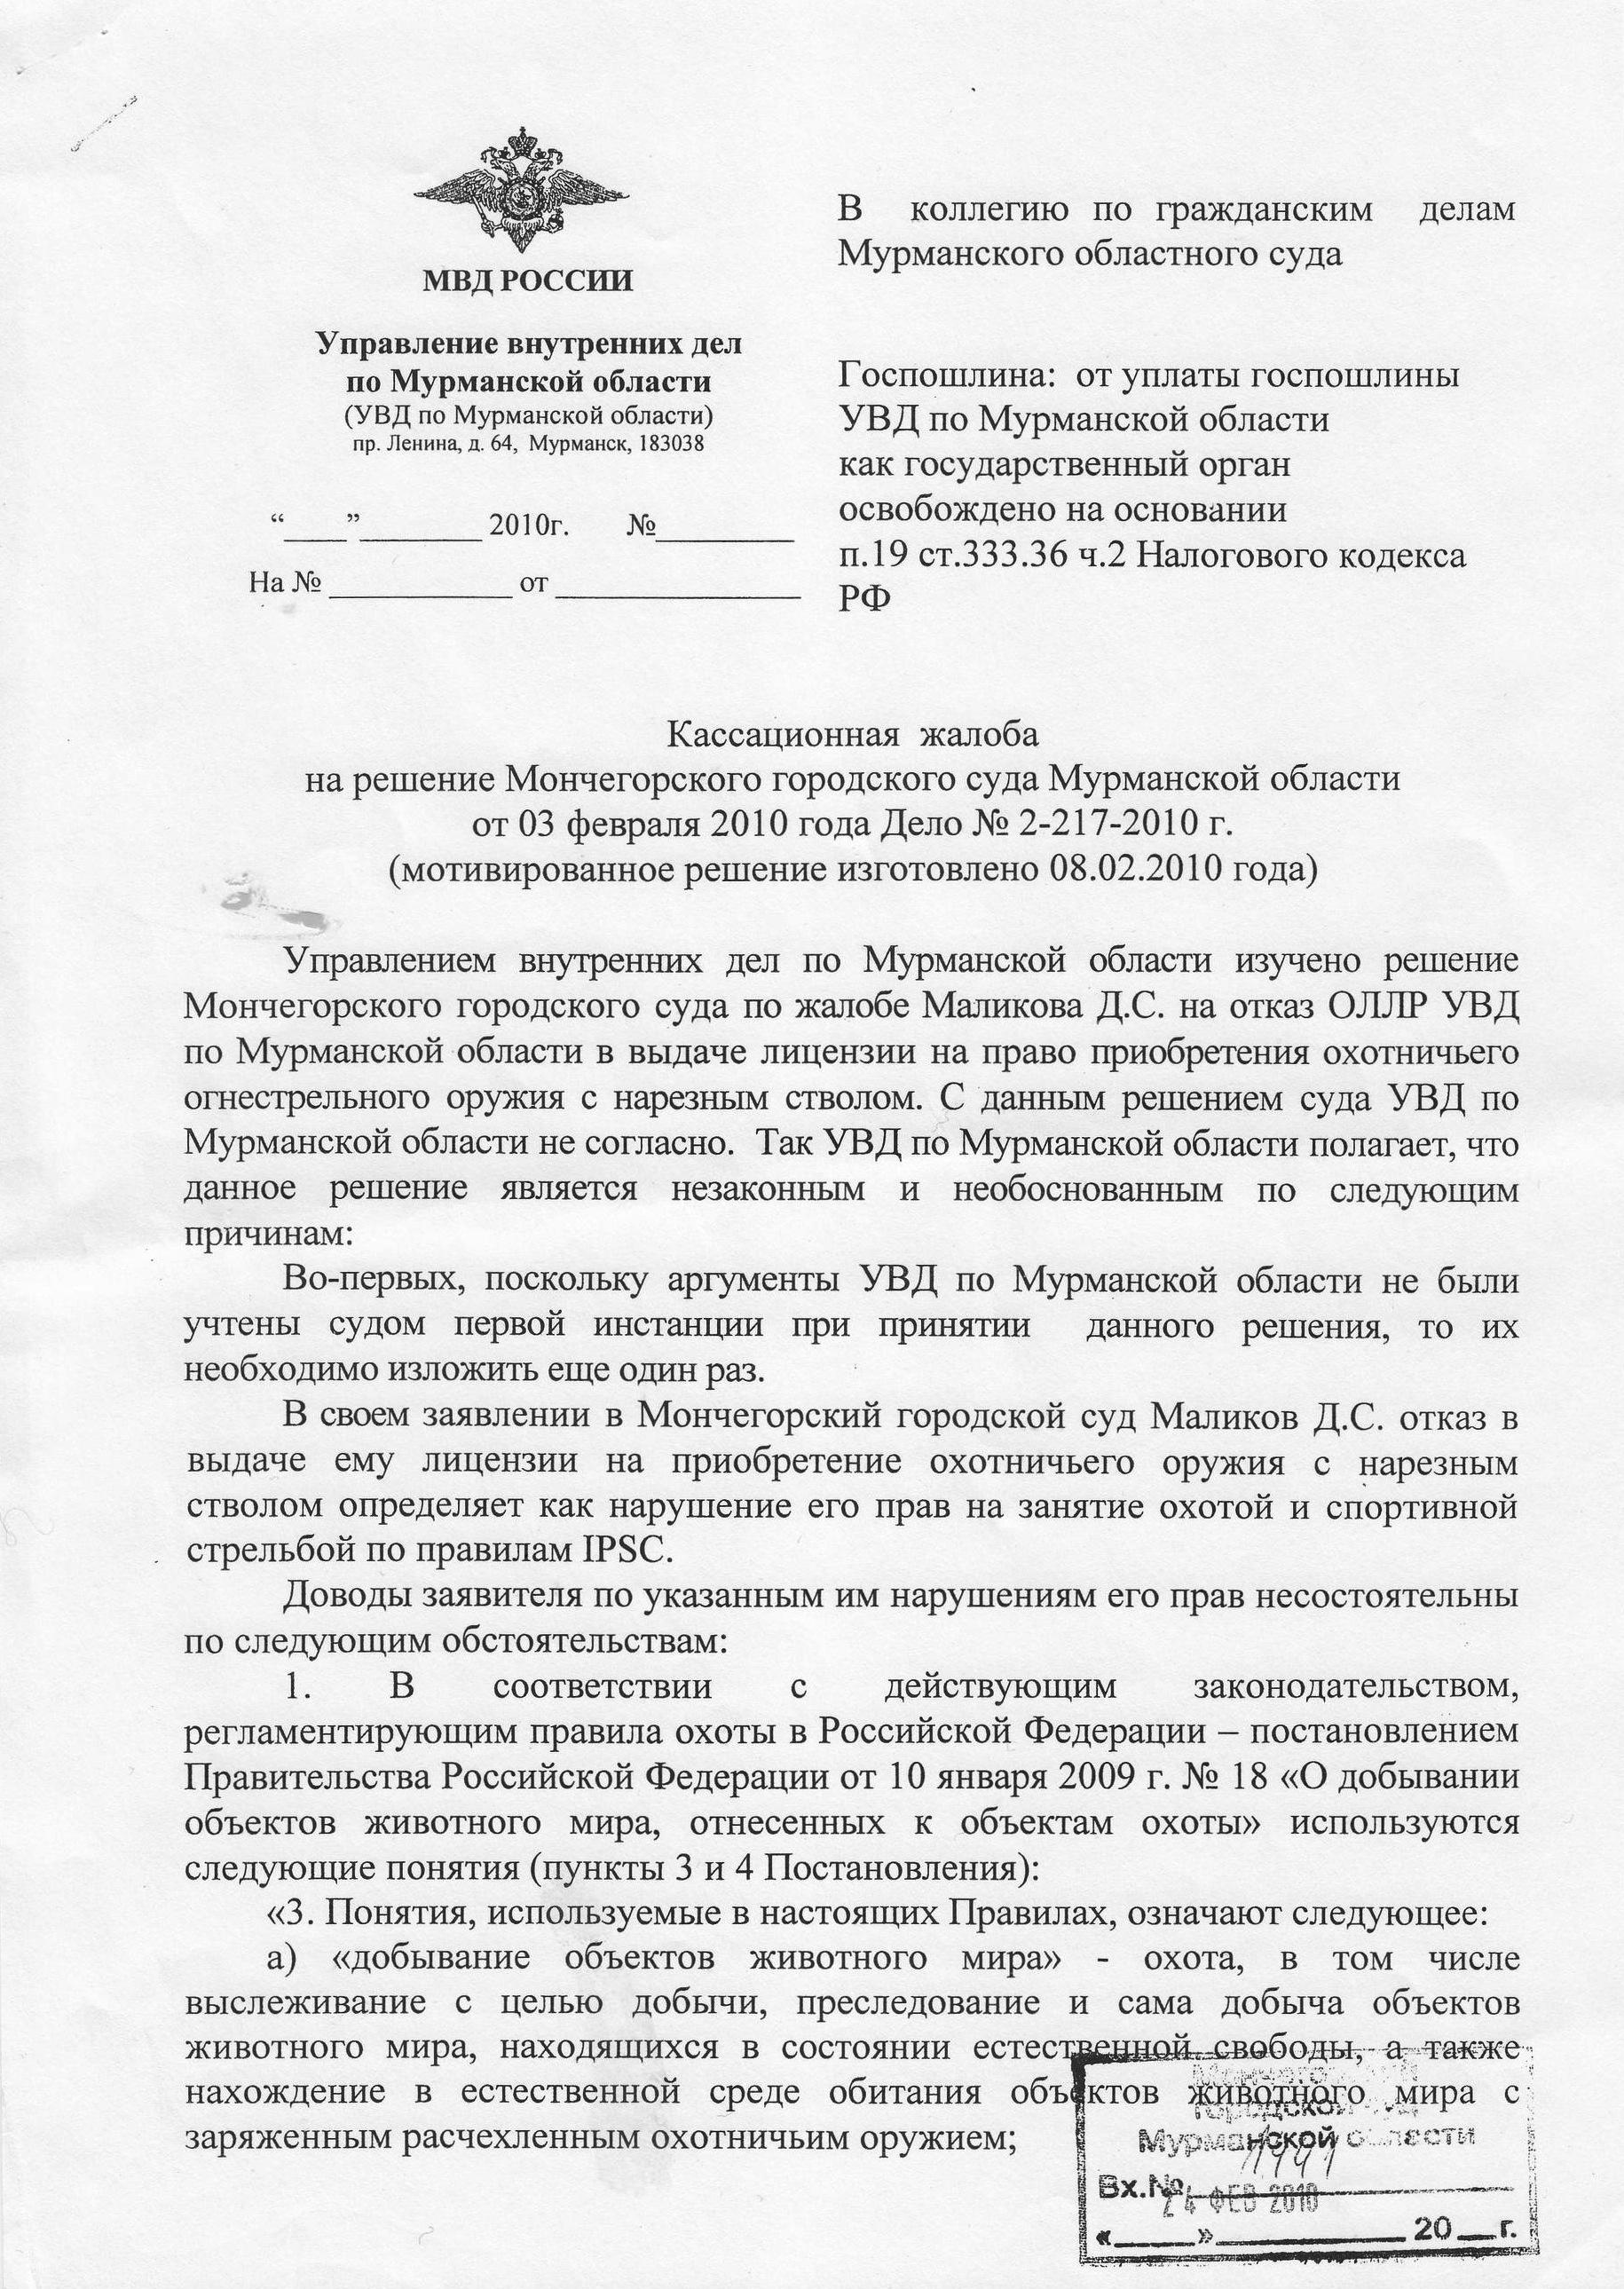 44 статья гк российской федерации